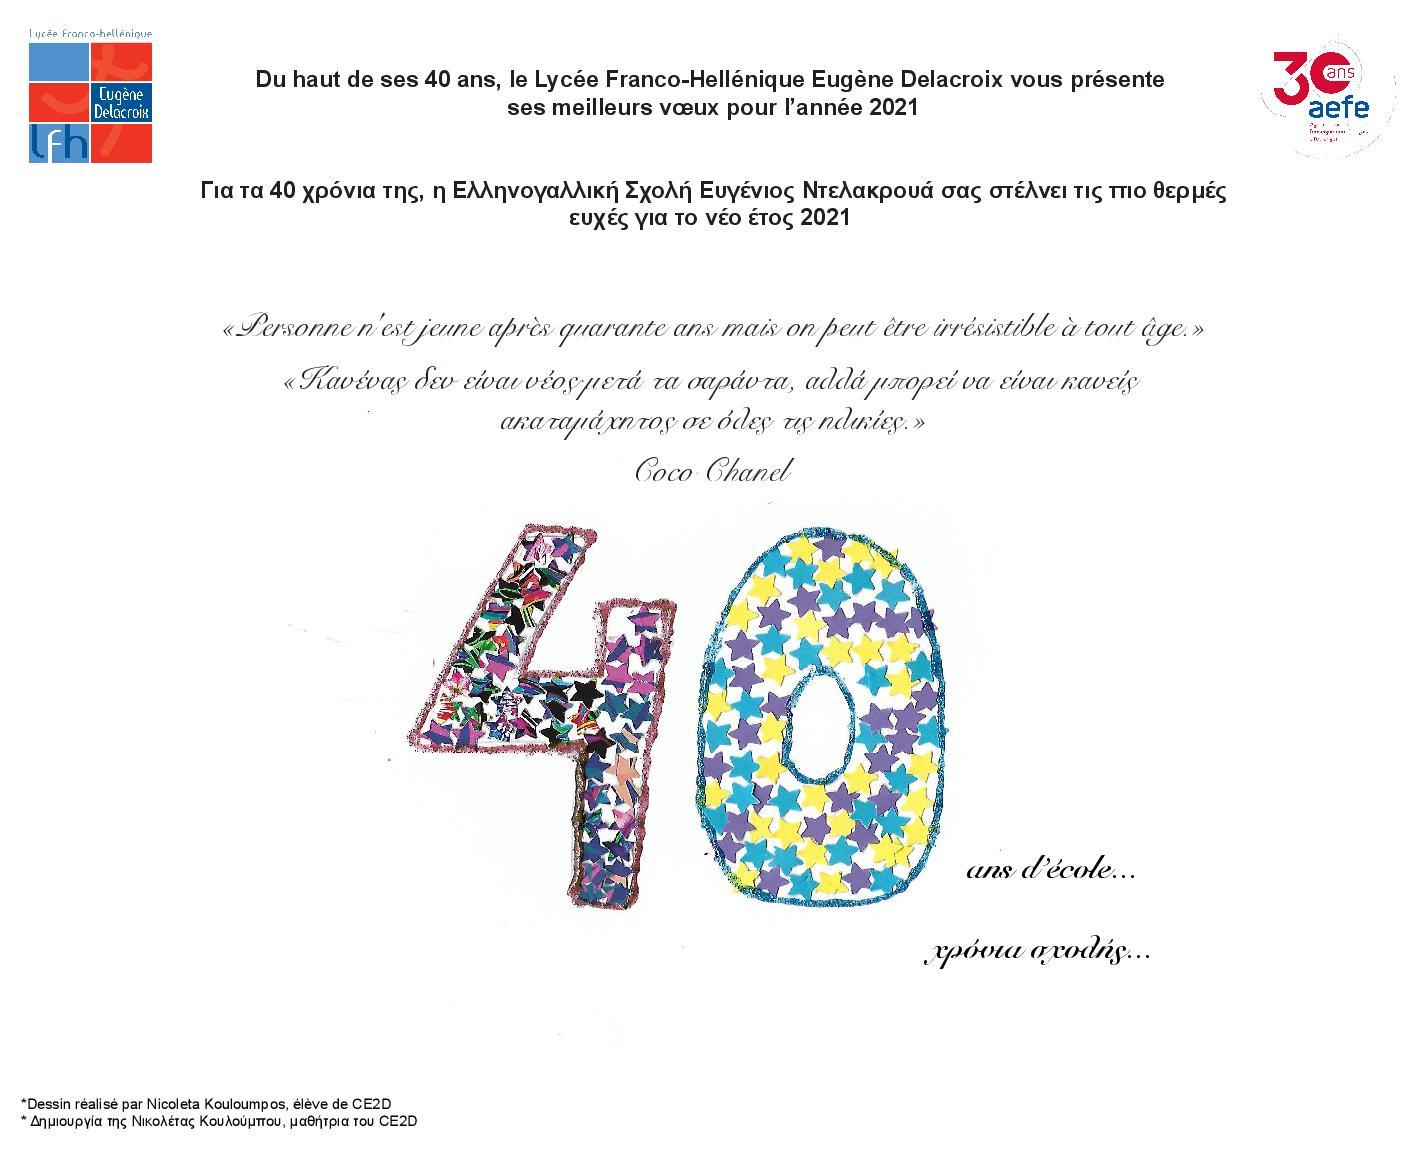 Du haut de ses 40 ans, le LFHED vous présente ses meilleurs voeux pour l'année 2021 !